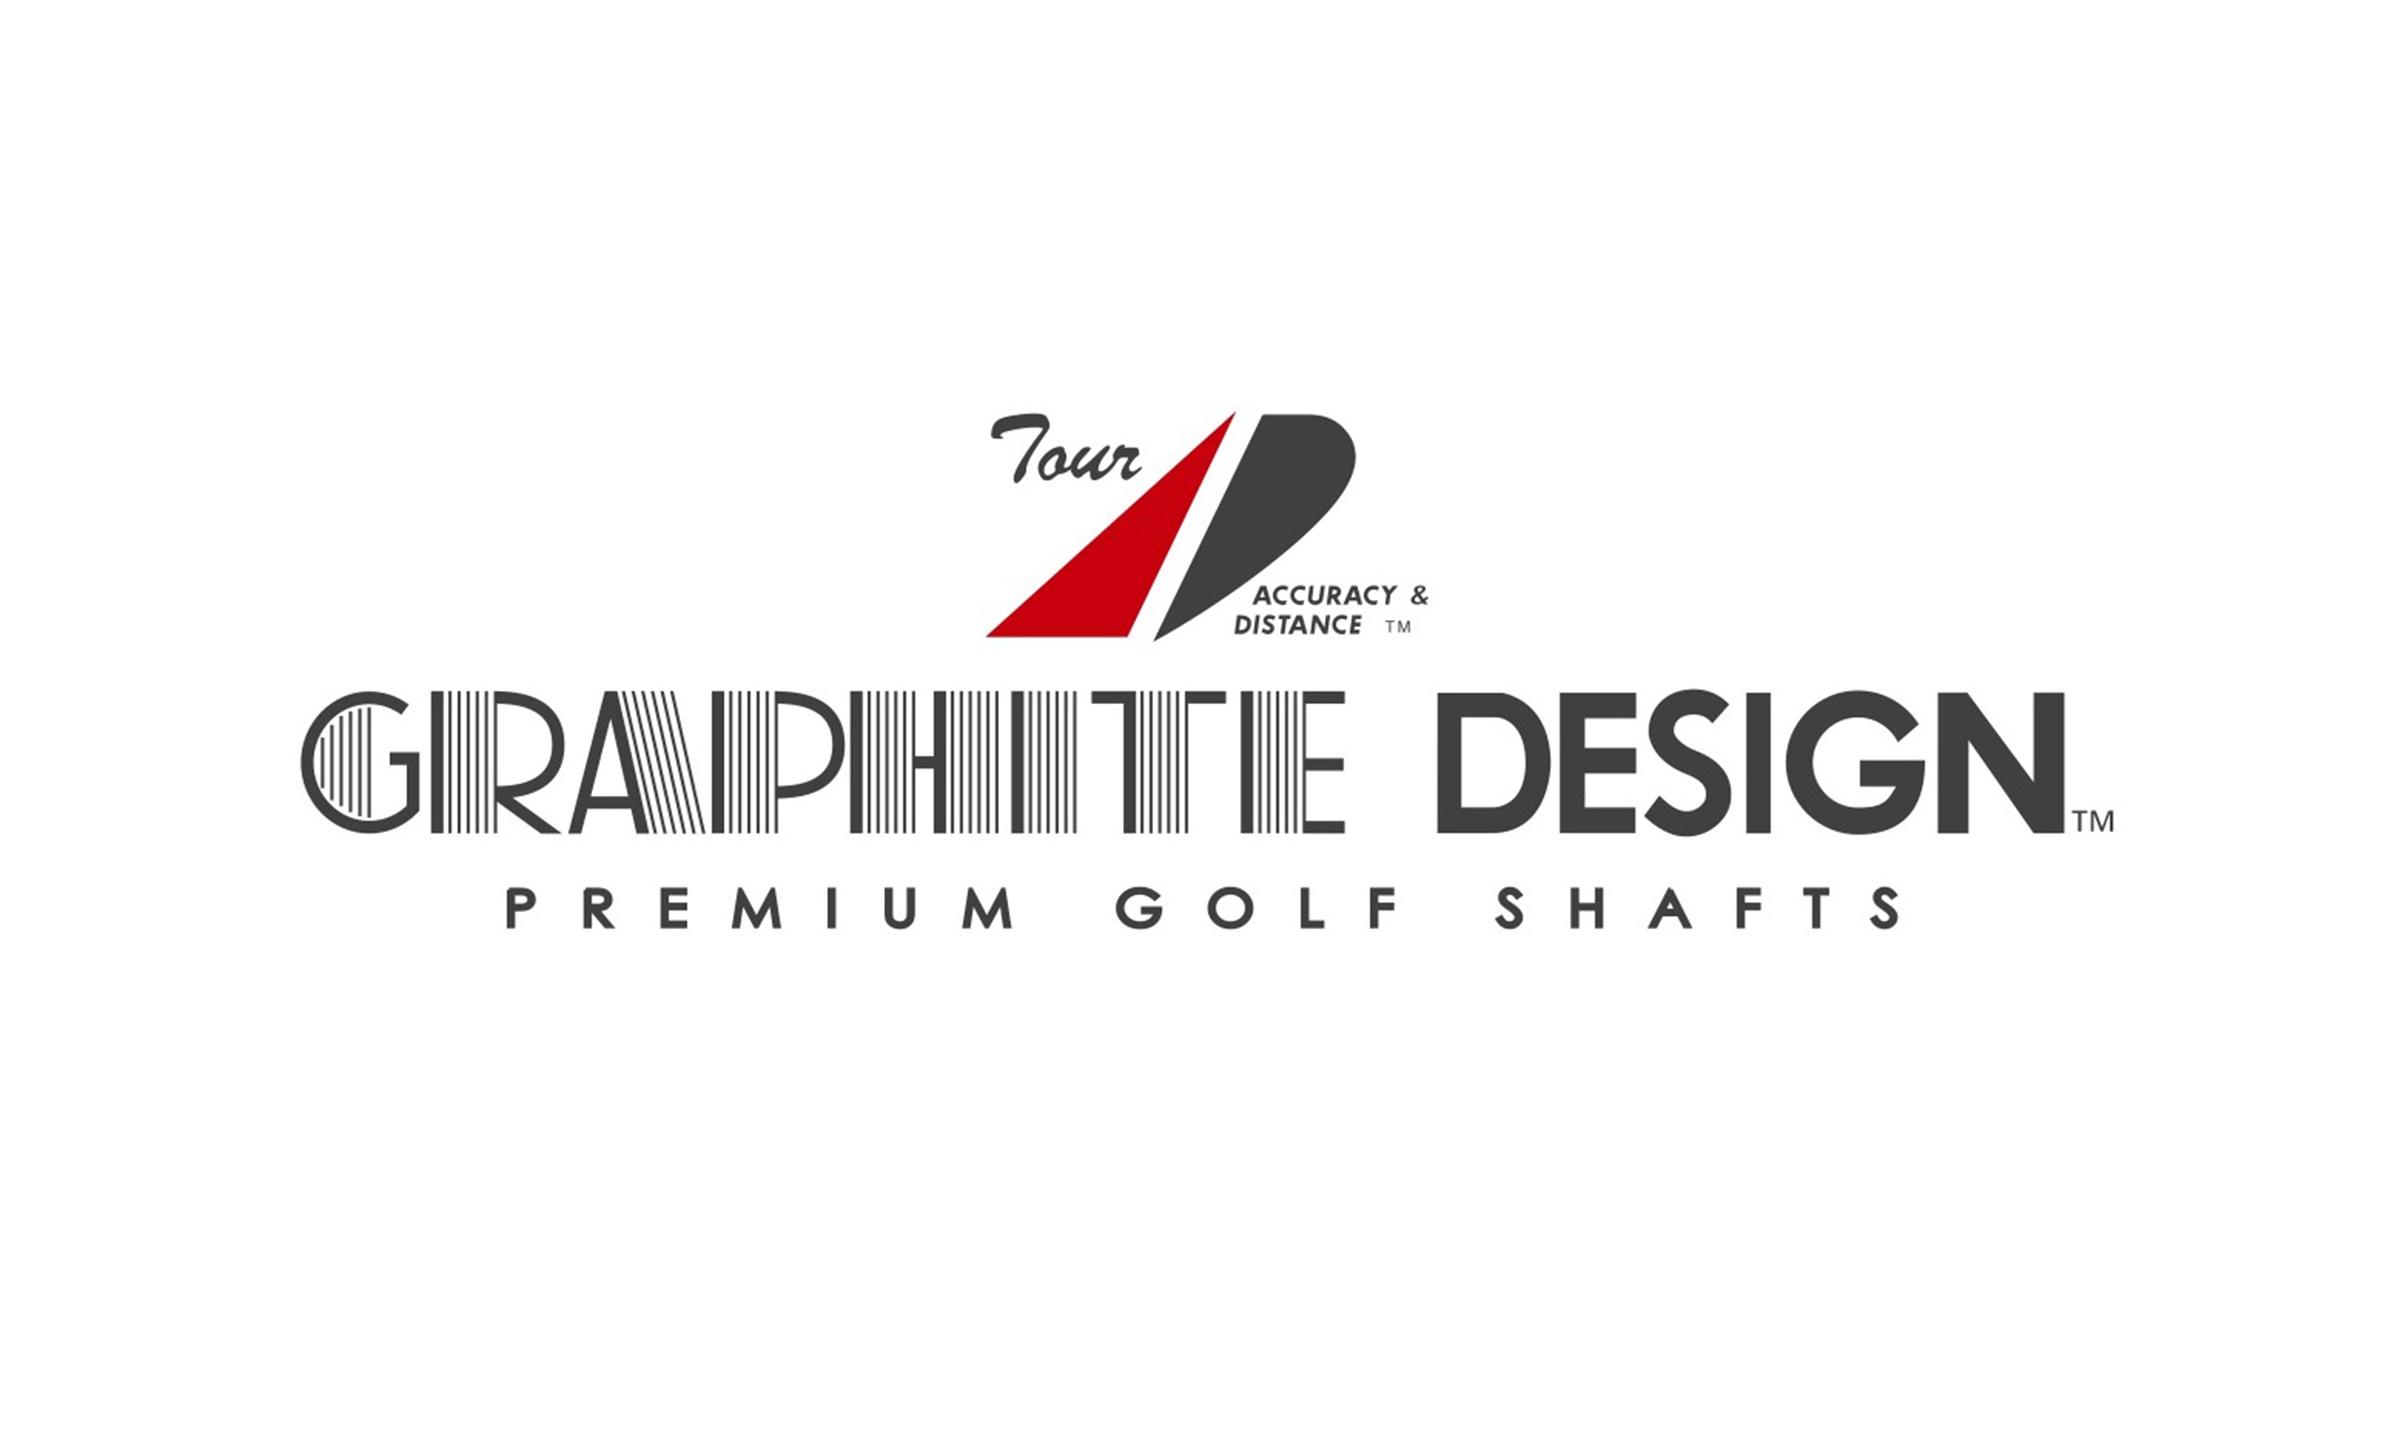 graphite design